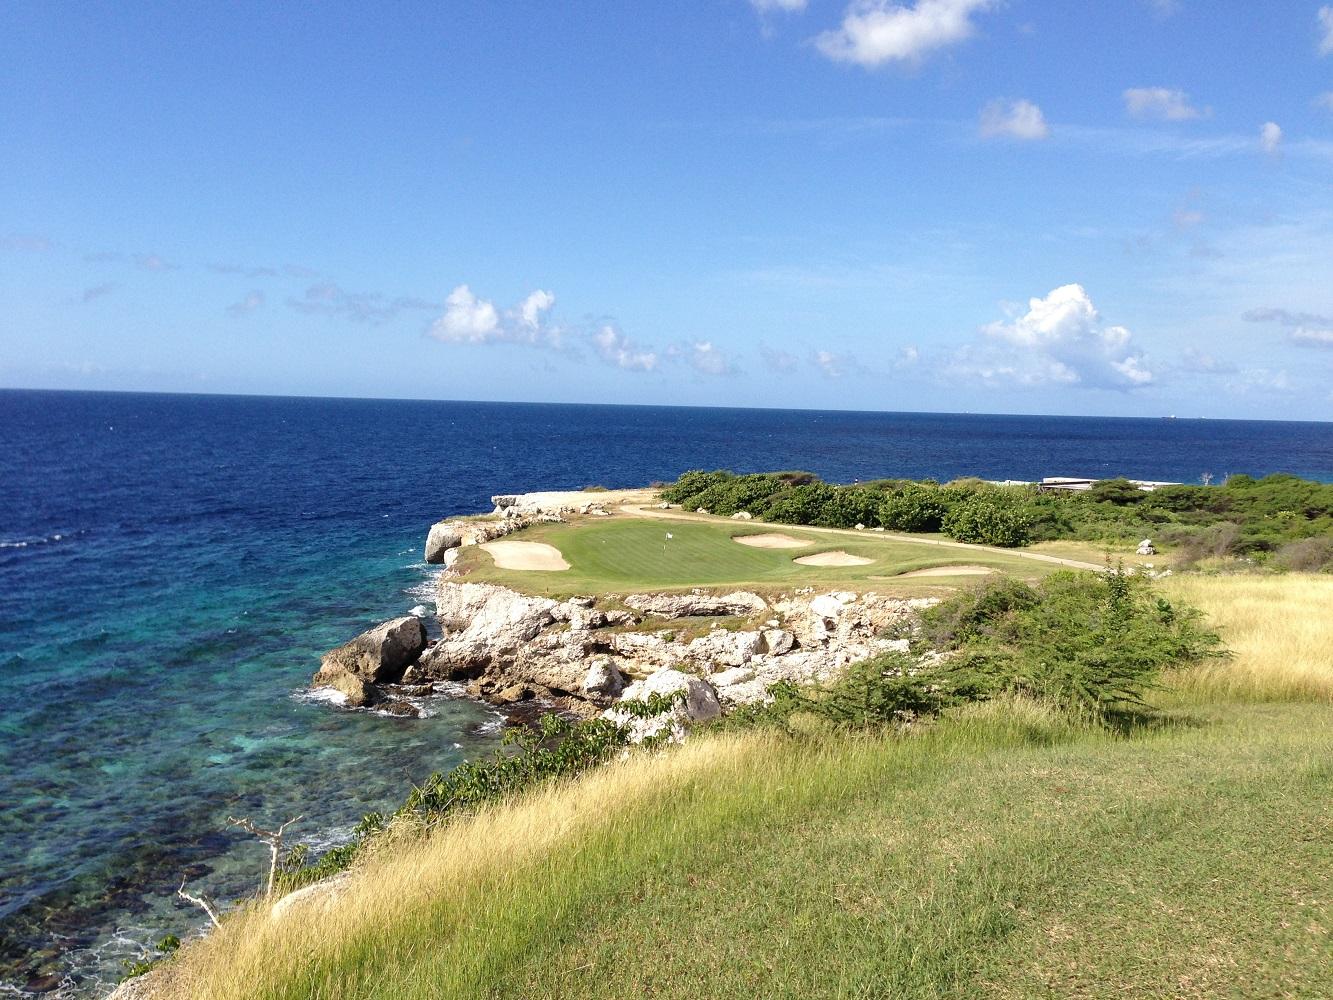 Lust auf eine Runde Golf an der Küste Curaçaos? Dies ist möglich auf dem Blue Bay Golf Club.